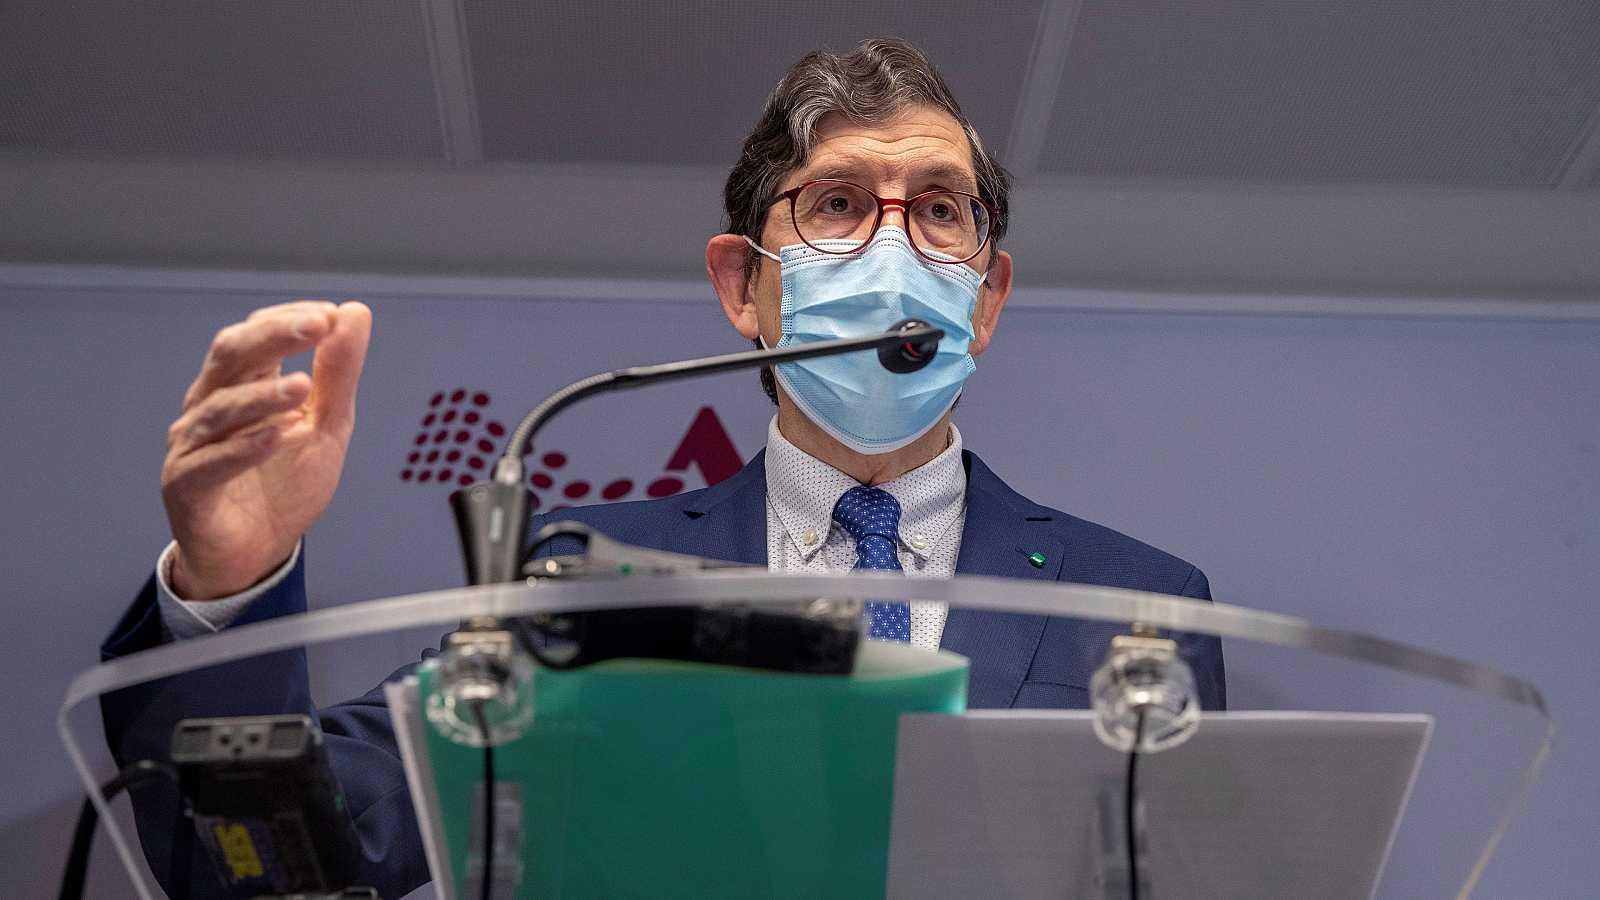 Boletines RNE - Dimite el consejero de Salud de Murcia que se vacunó contra la COVID - Escuchar ahora